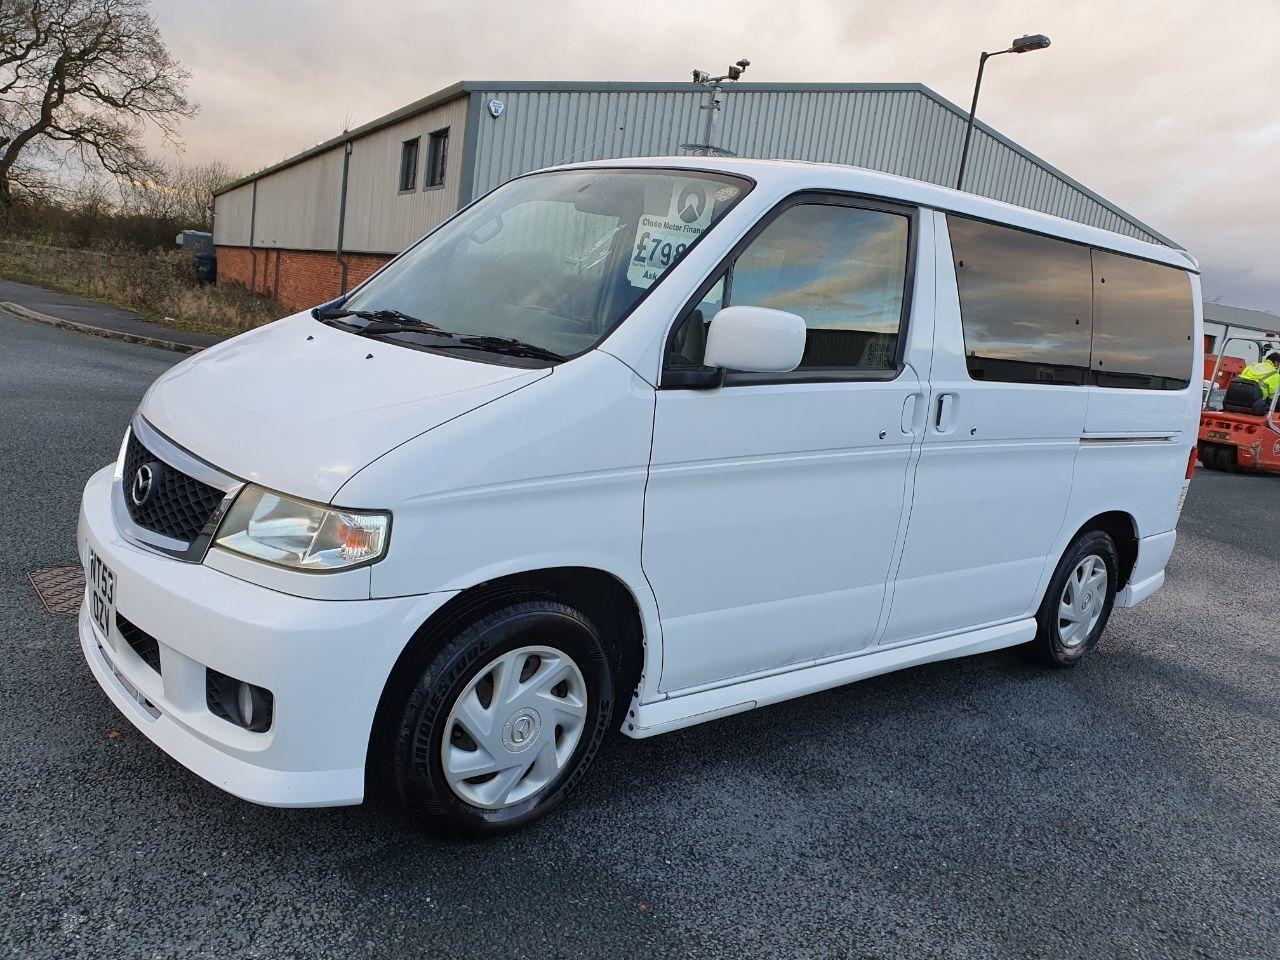 2003 Mazda Bongo Aero - 8 Seats MPV - Day Van - Camper For Sale (picture 7 of 12)